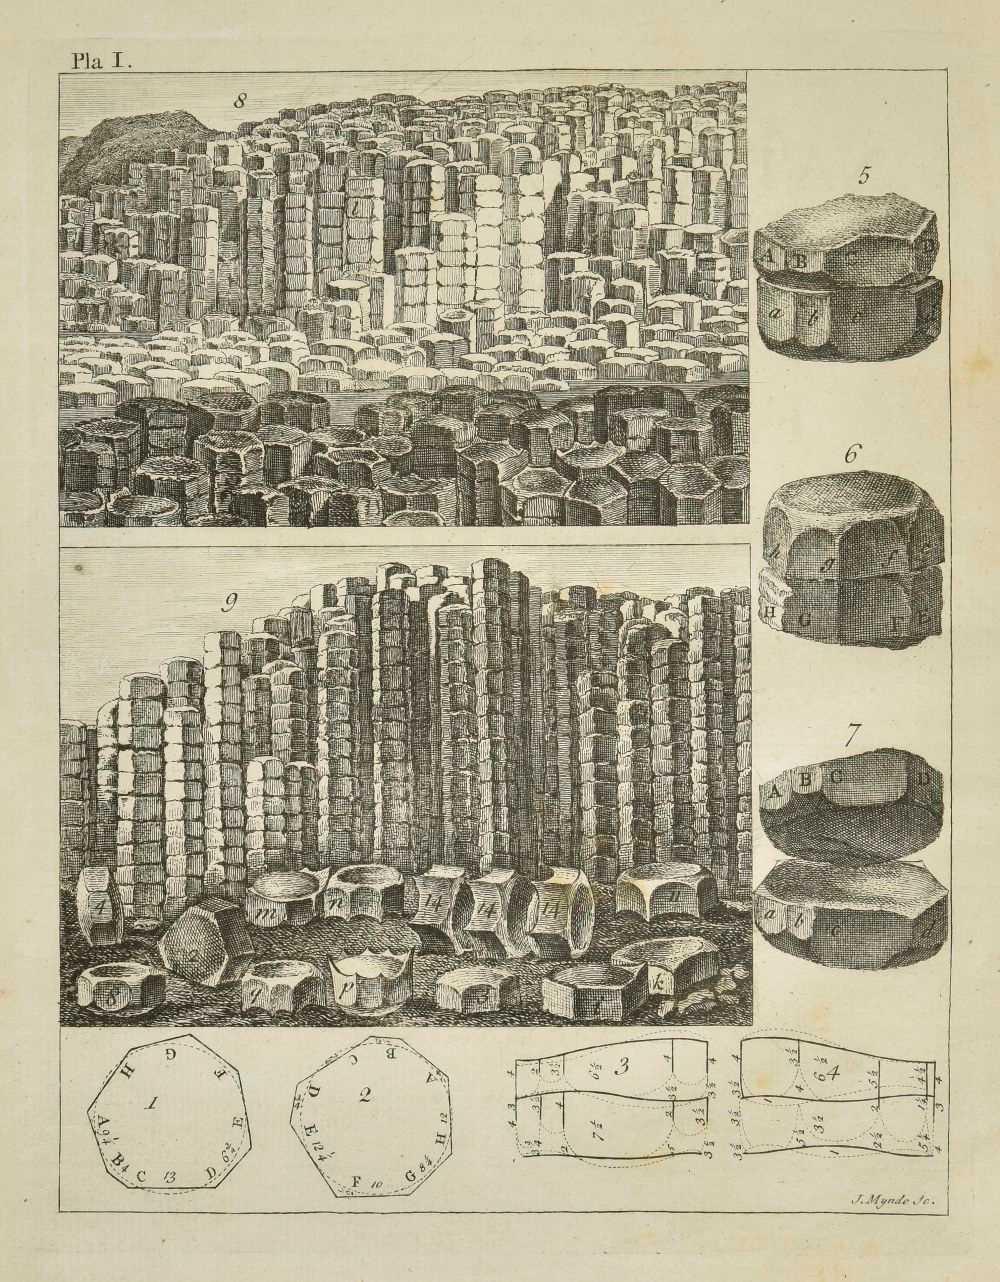 Lot 52-Costa (Emanuel Mendes da). A Natural History of Fossils, 1757